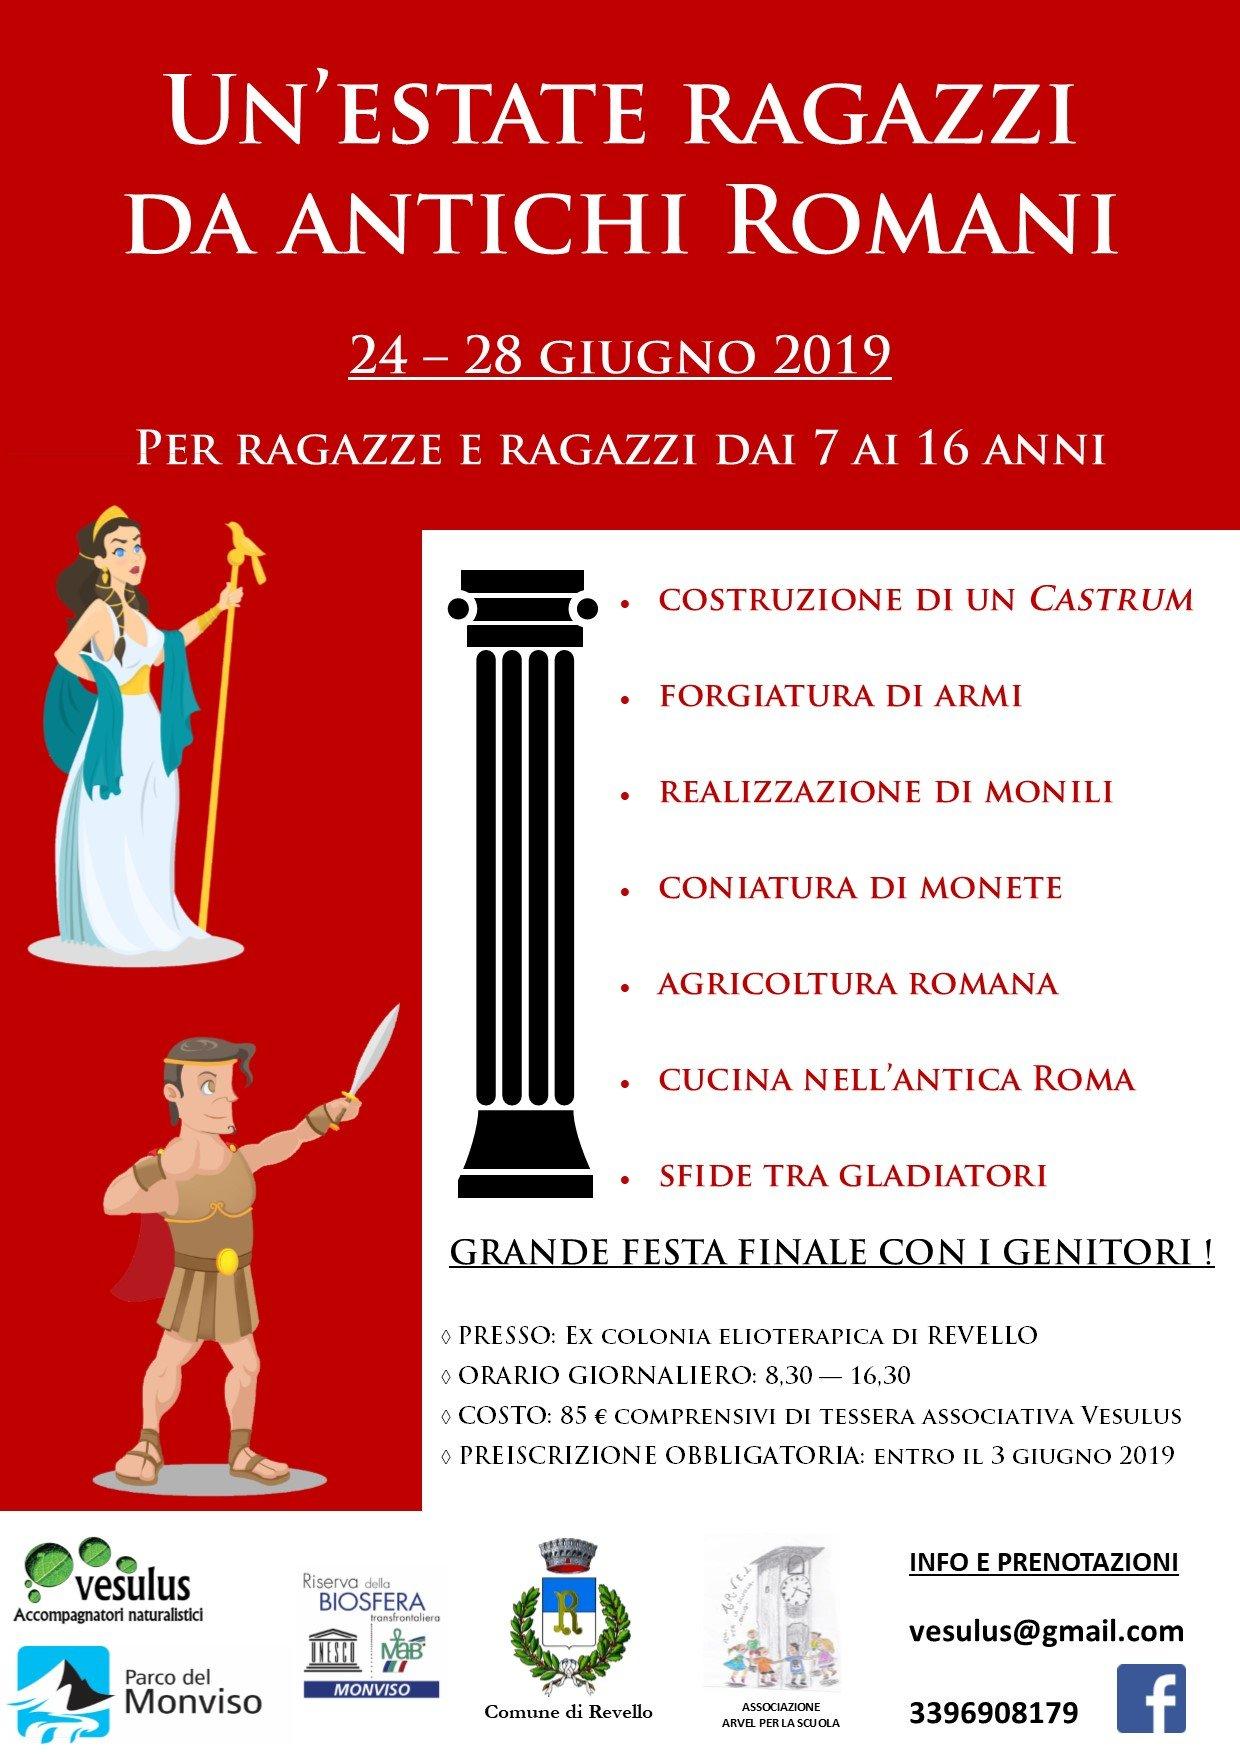 24-28 Giugno '19: Un'estate ragazzi da Antichi Romani